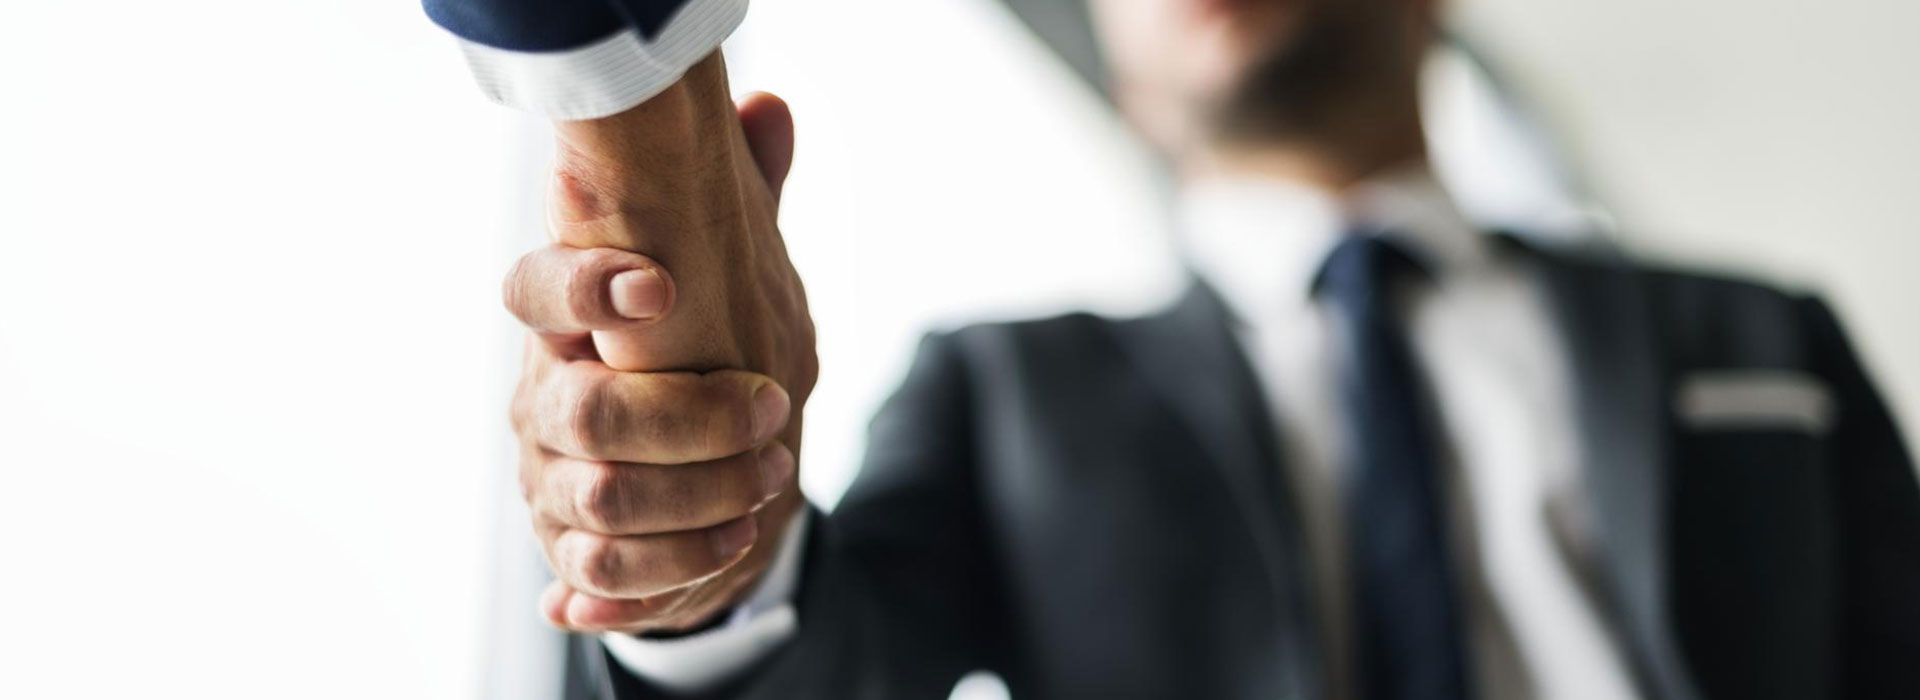 Change Project - Job Alert - Business Development Representative Firenze